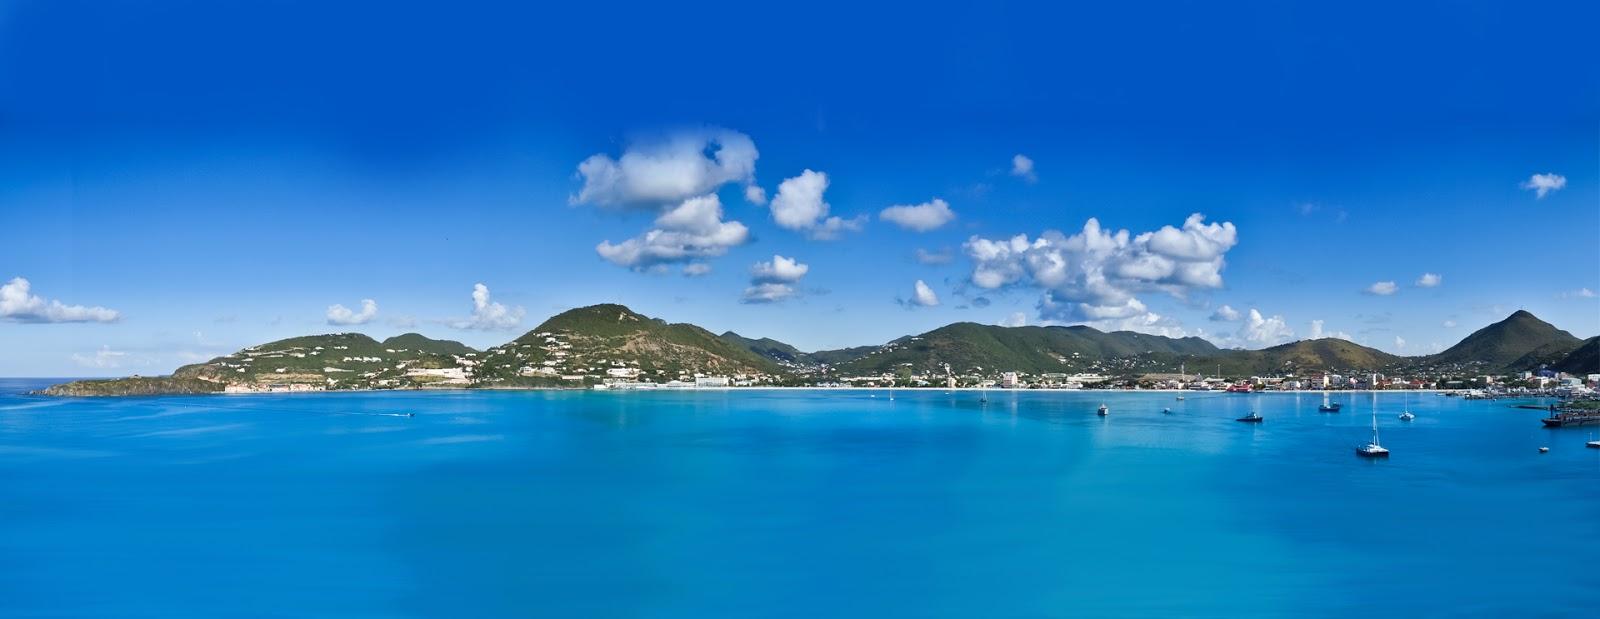 hotel reservation system st maarten st martin island tourist information. Black Bedroom Furniture Sets. Home Design Ideas